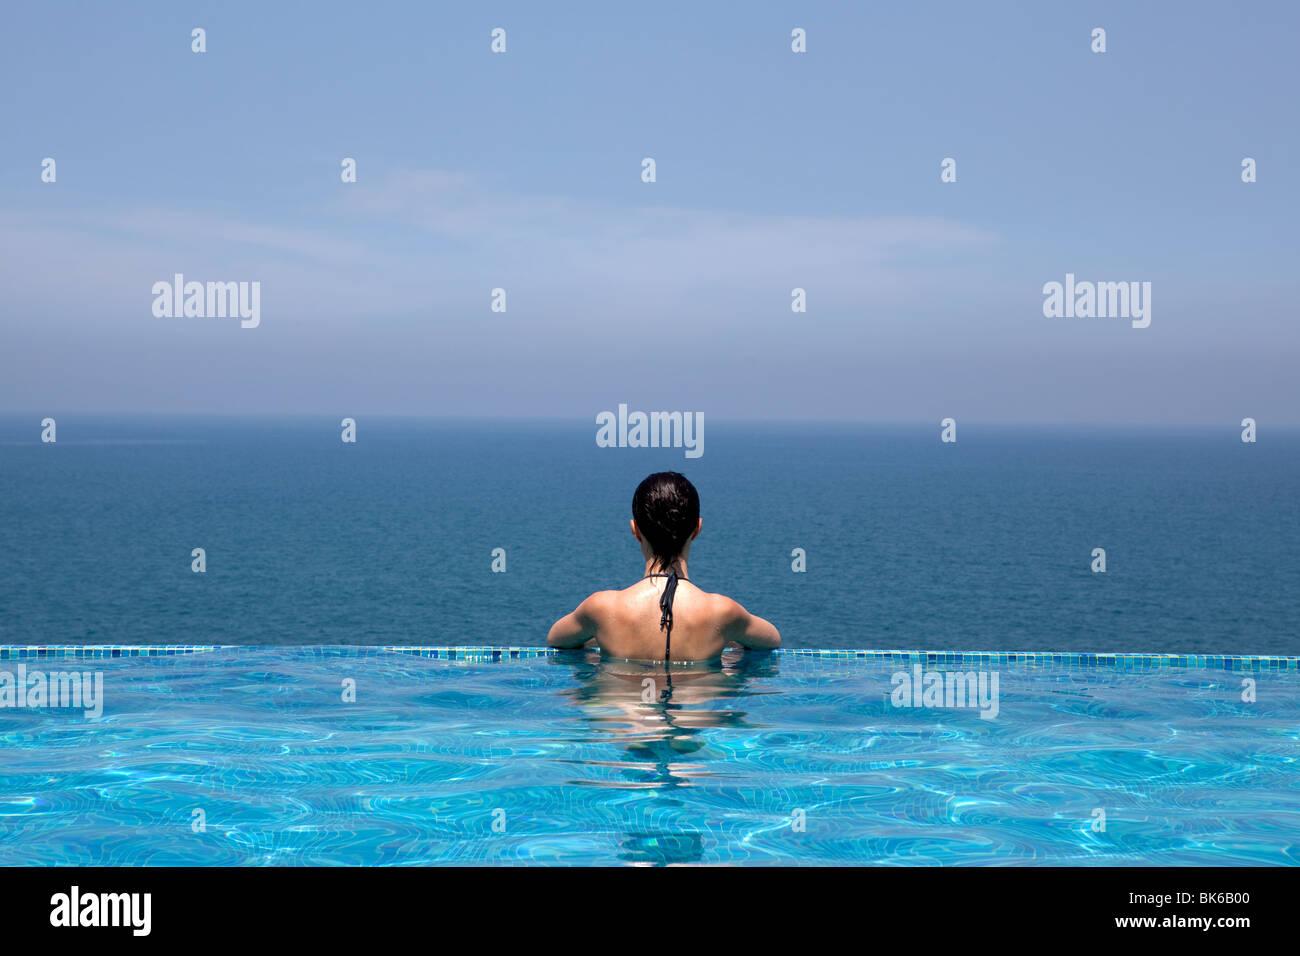 Espléndida piscina en un complejo hotelero en el estado de Kerala indi Imagen De Stock